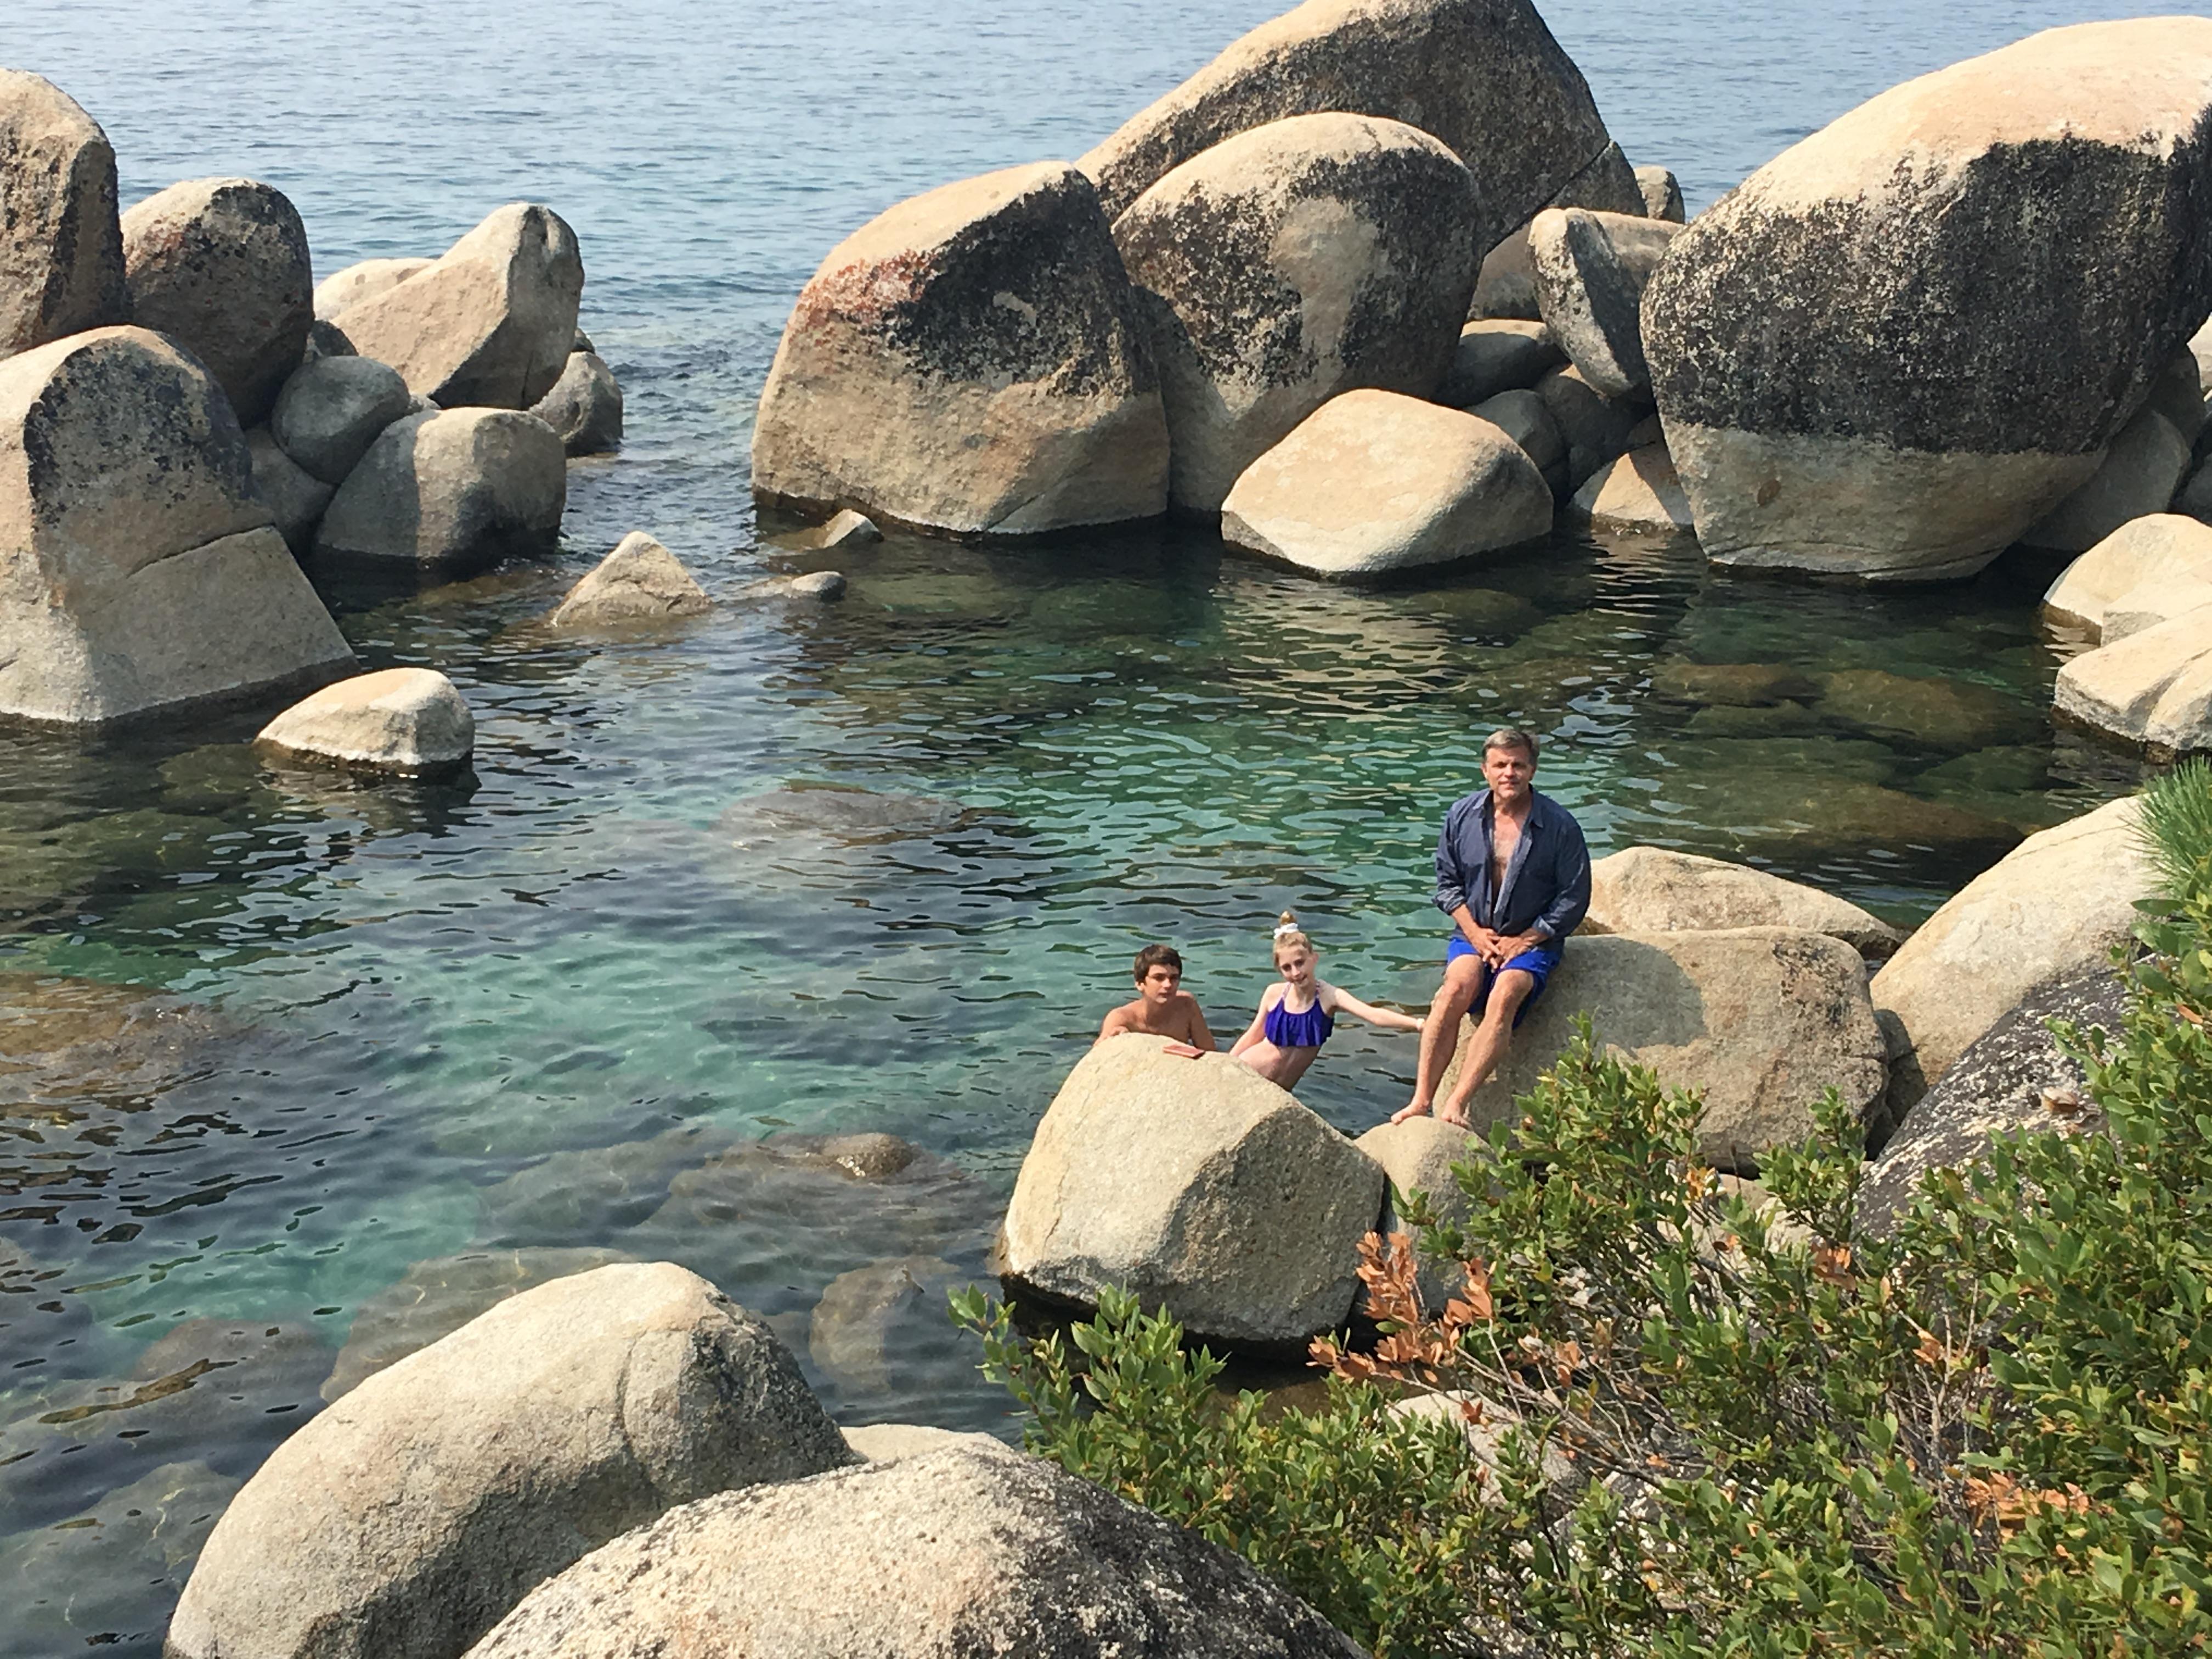 Lake Tahoe 2018 Douglas Brinkley swimming